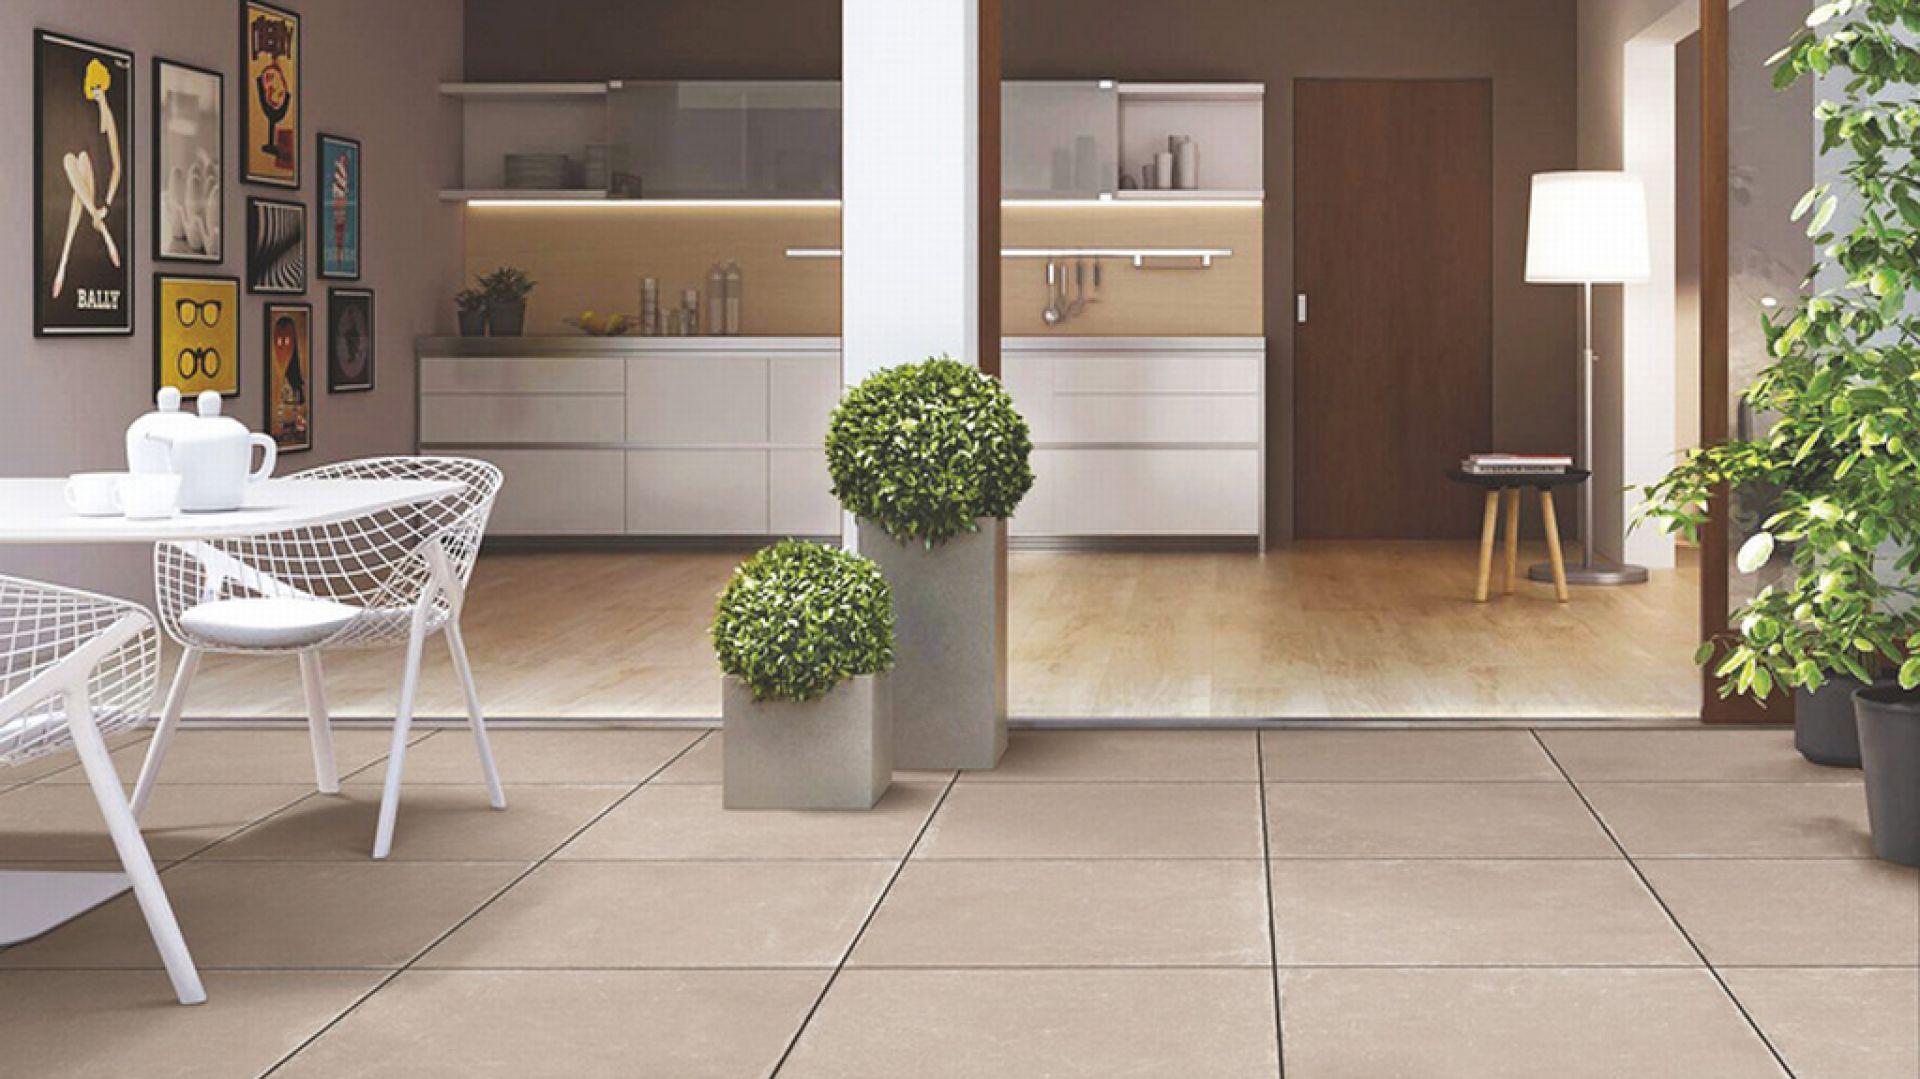 Zróżnicowana stabilność wymiarowa sąsiadujących ze sobą odmiennych rodzajów pokryć podłogowych pociąga za sobą konieczność wykonania dylatacji, które mogą negatywnie wpływać na estetykę podłogi. Fot. Nova